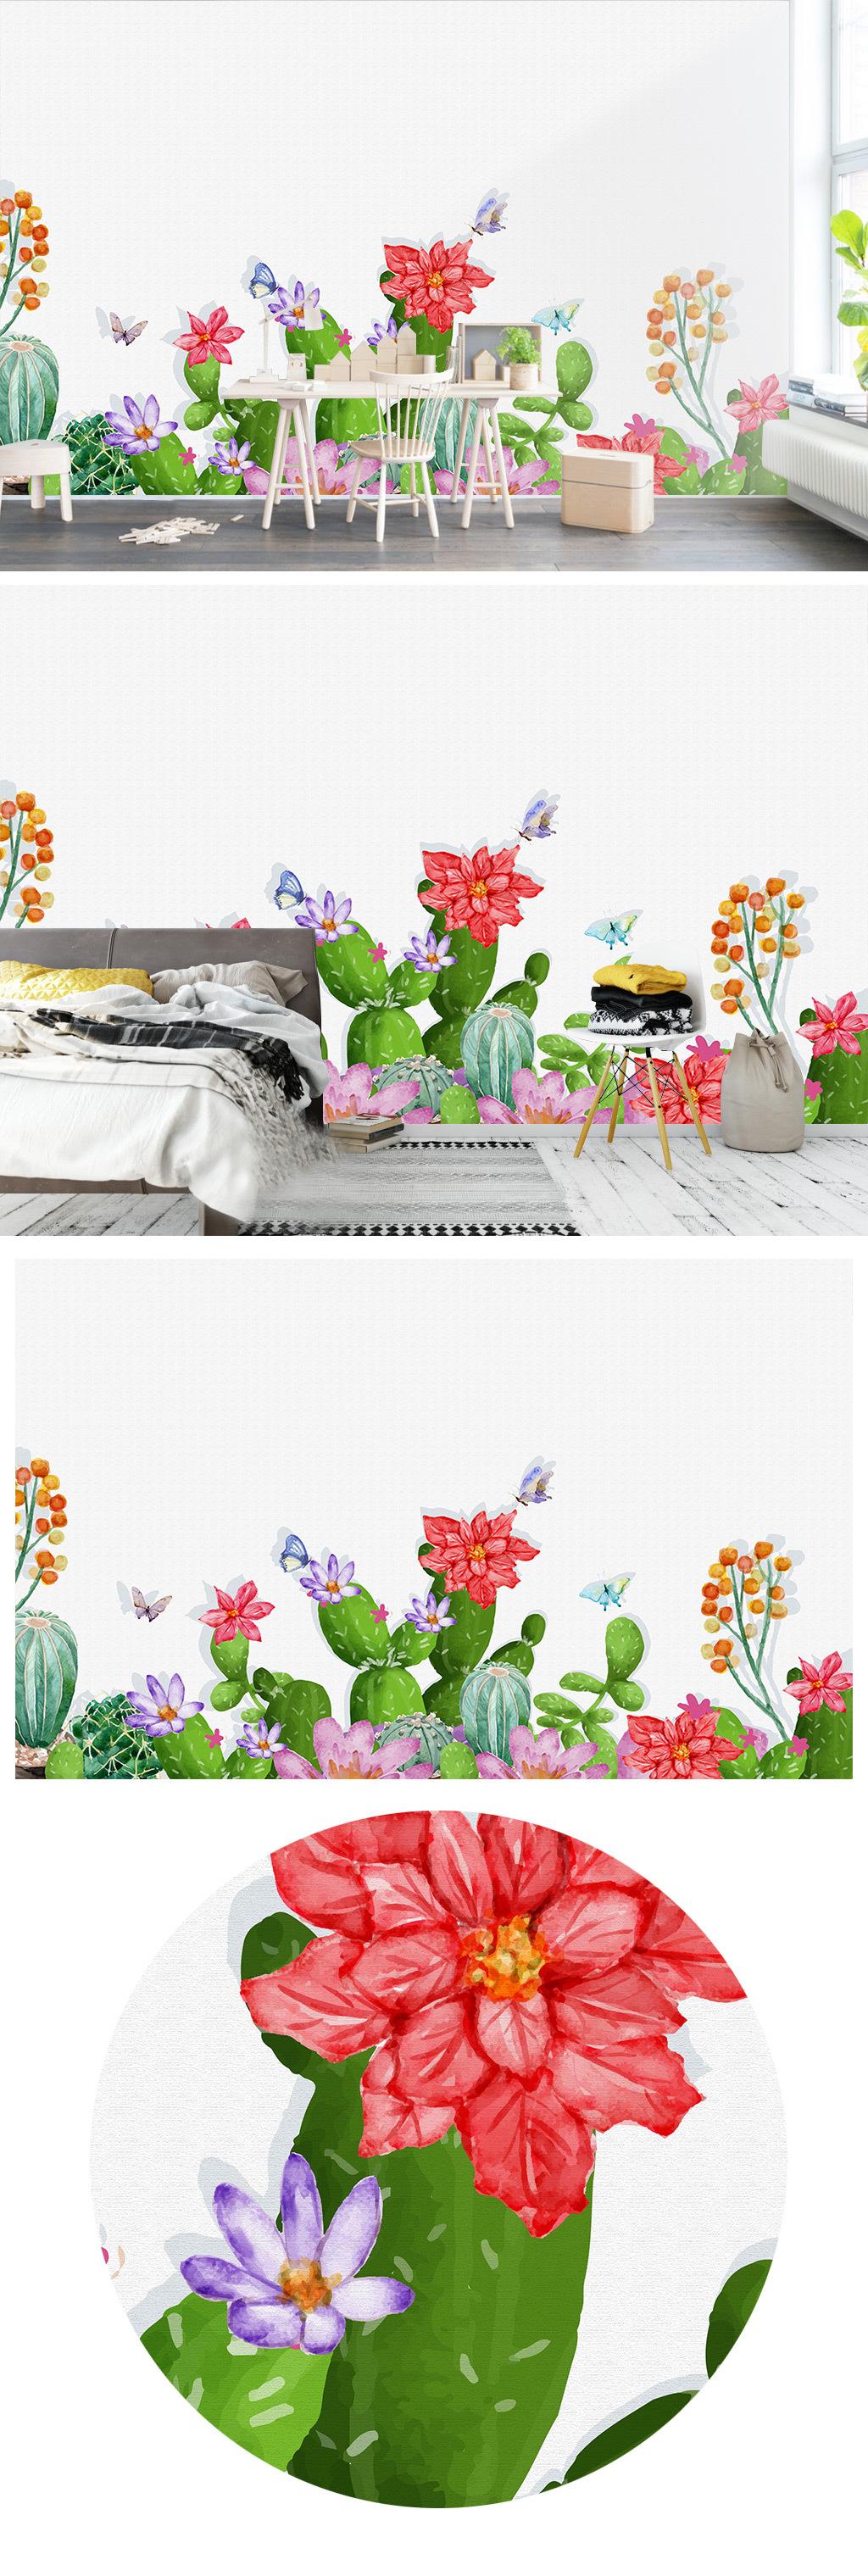 简约手绘美式仙人掌卧室客厅背景墙